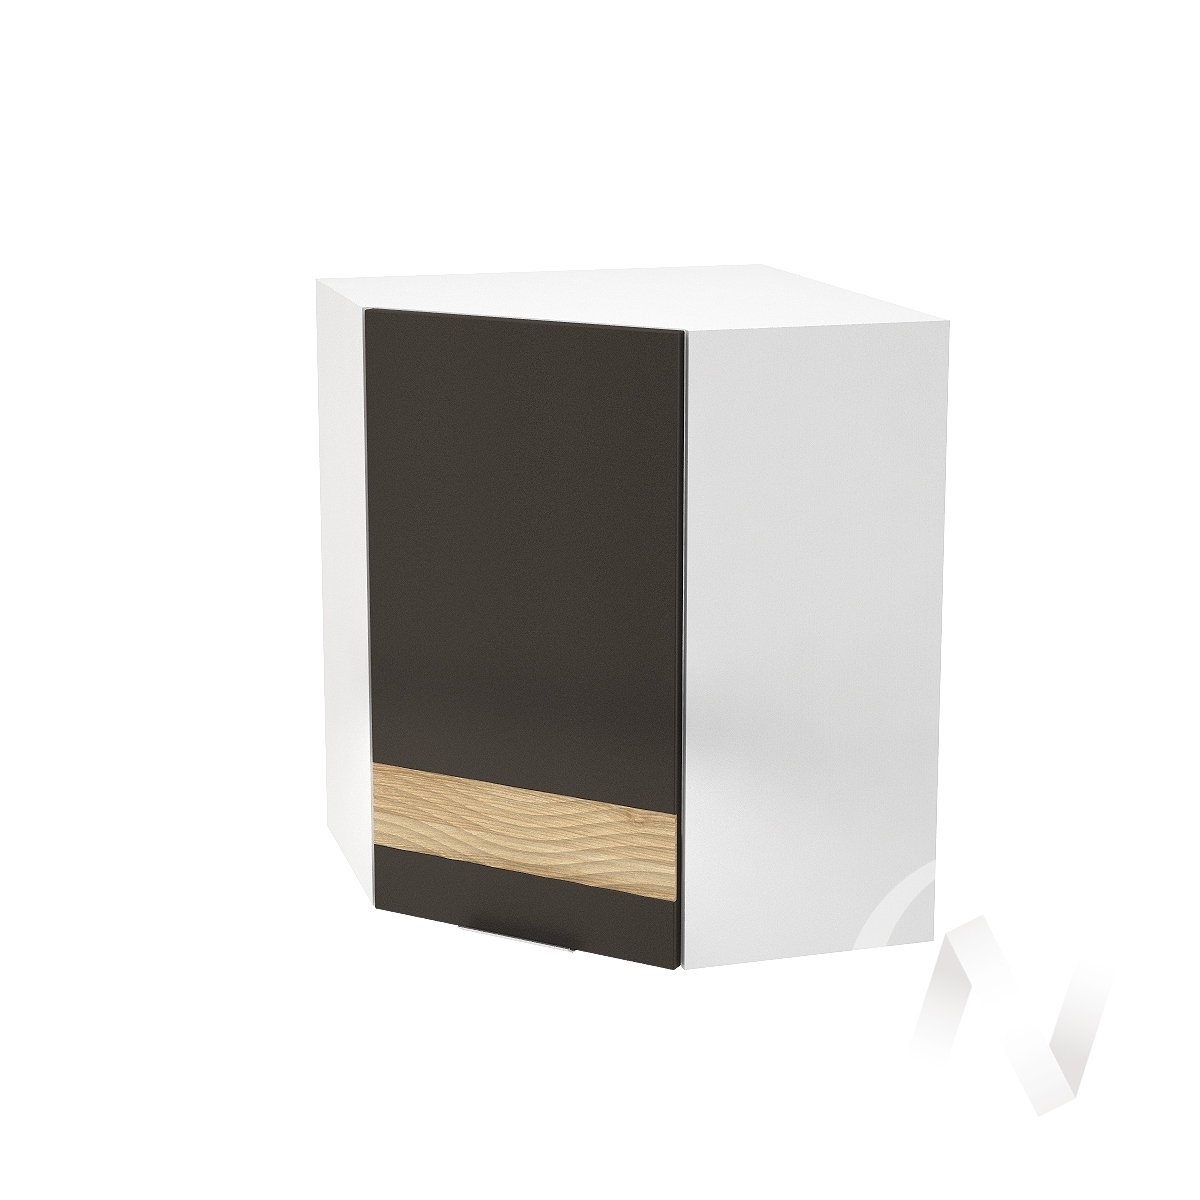 """Кухня """"Терра"""": Шкаф верхний угловой левый 590, ШВУ 590 (смоки софт/ель карпатская/корпус белый)"""